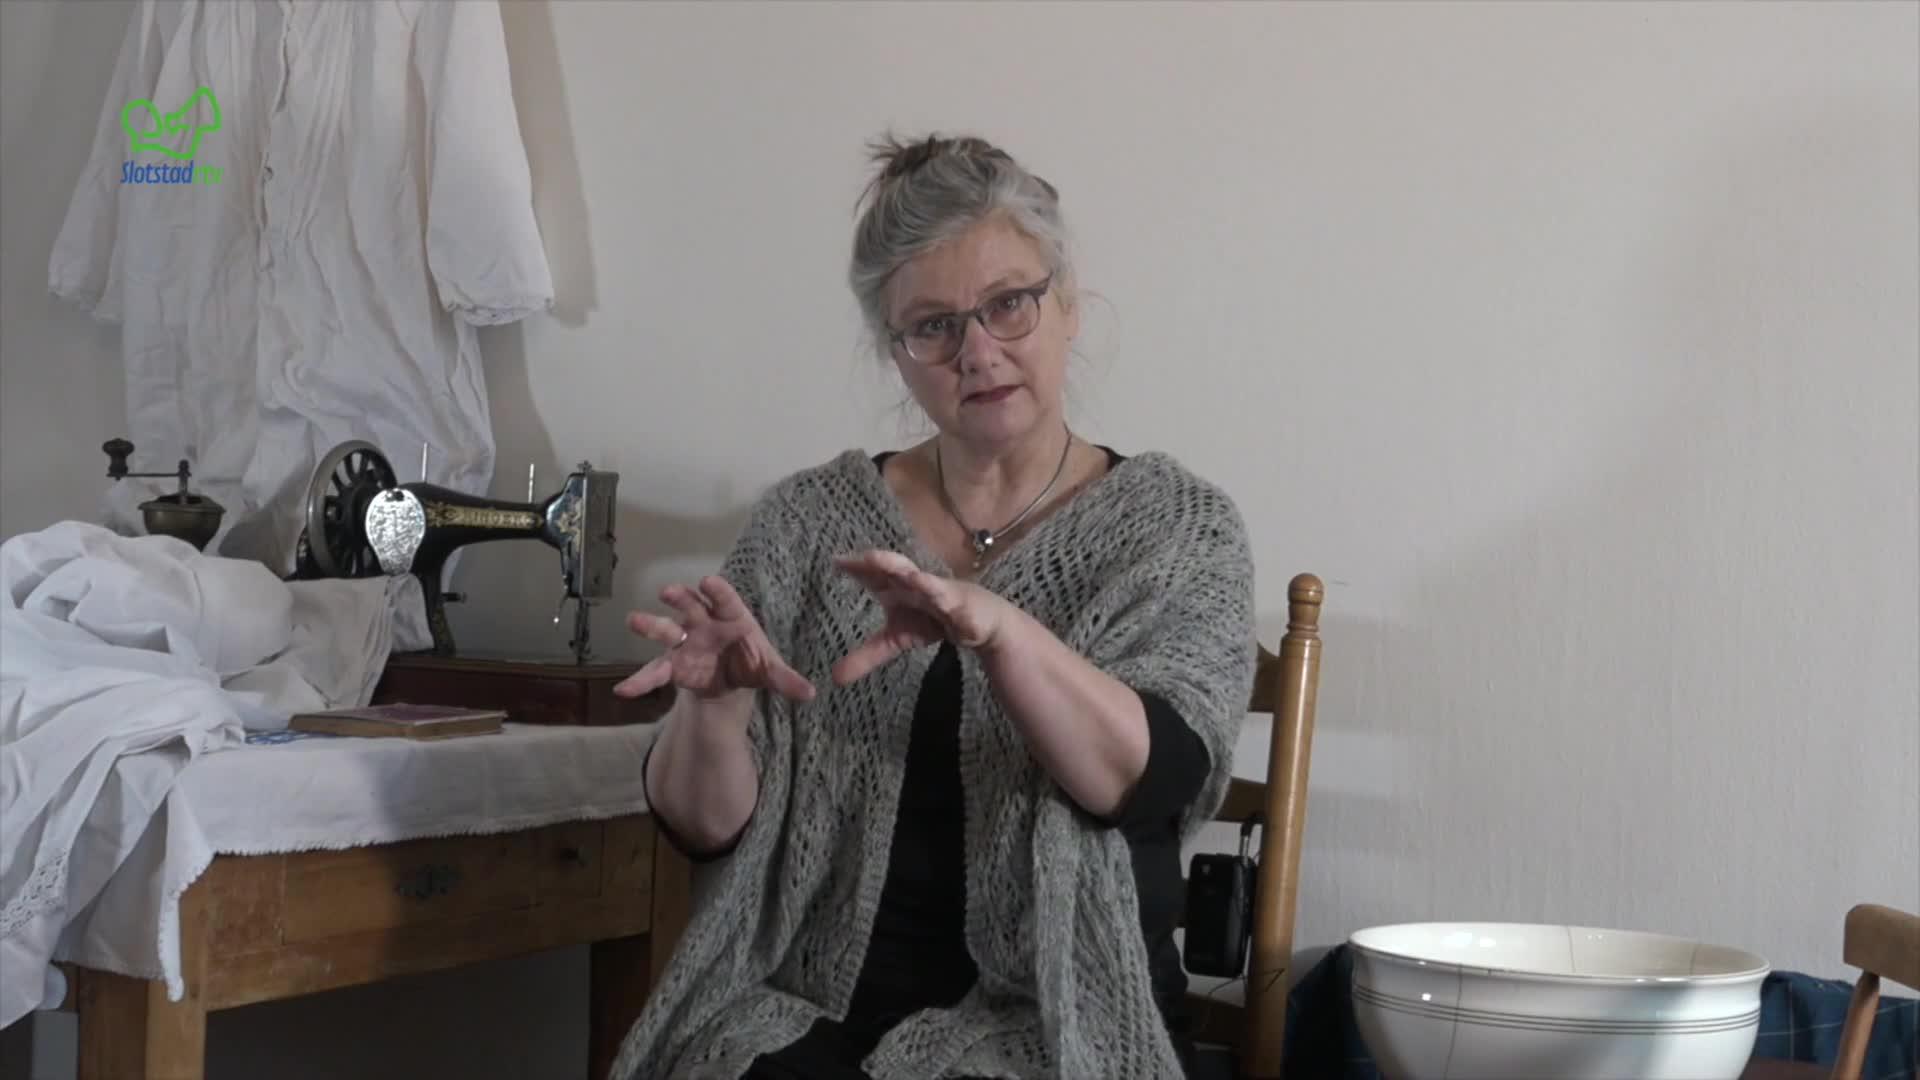 Verhaal 10 Mieke Spronk - Gezien